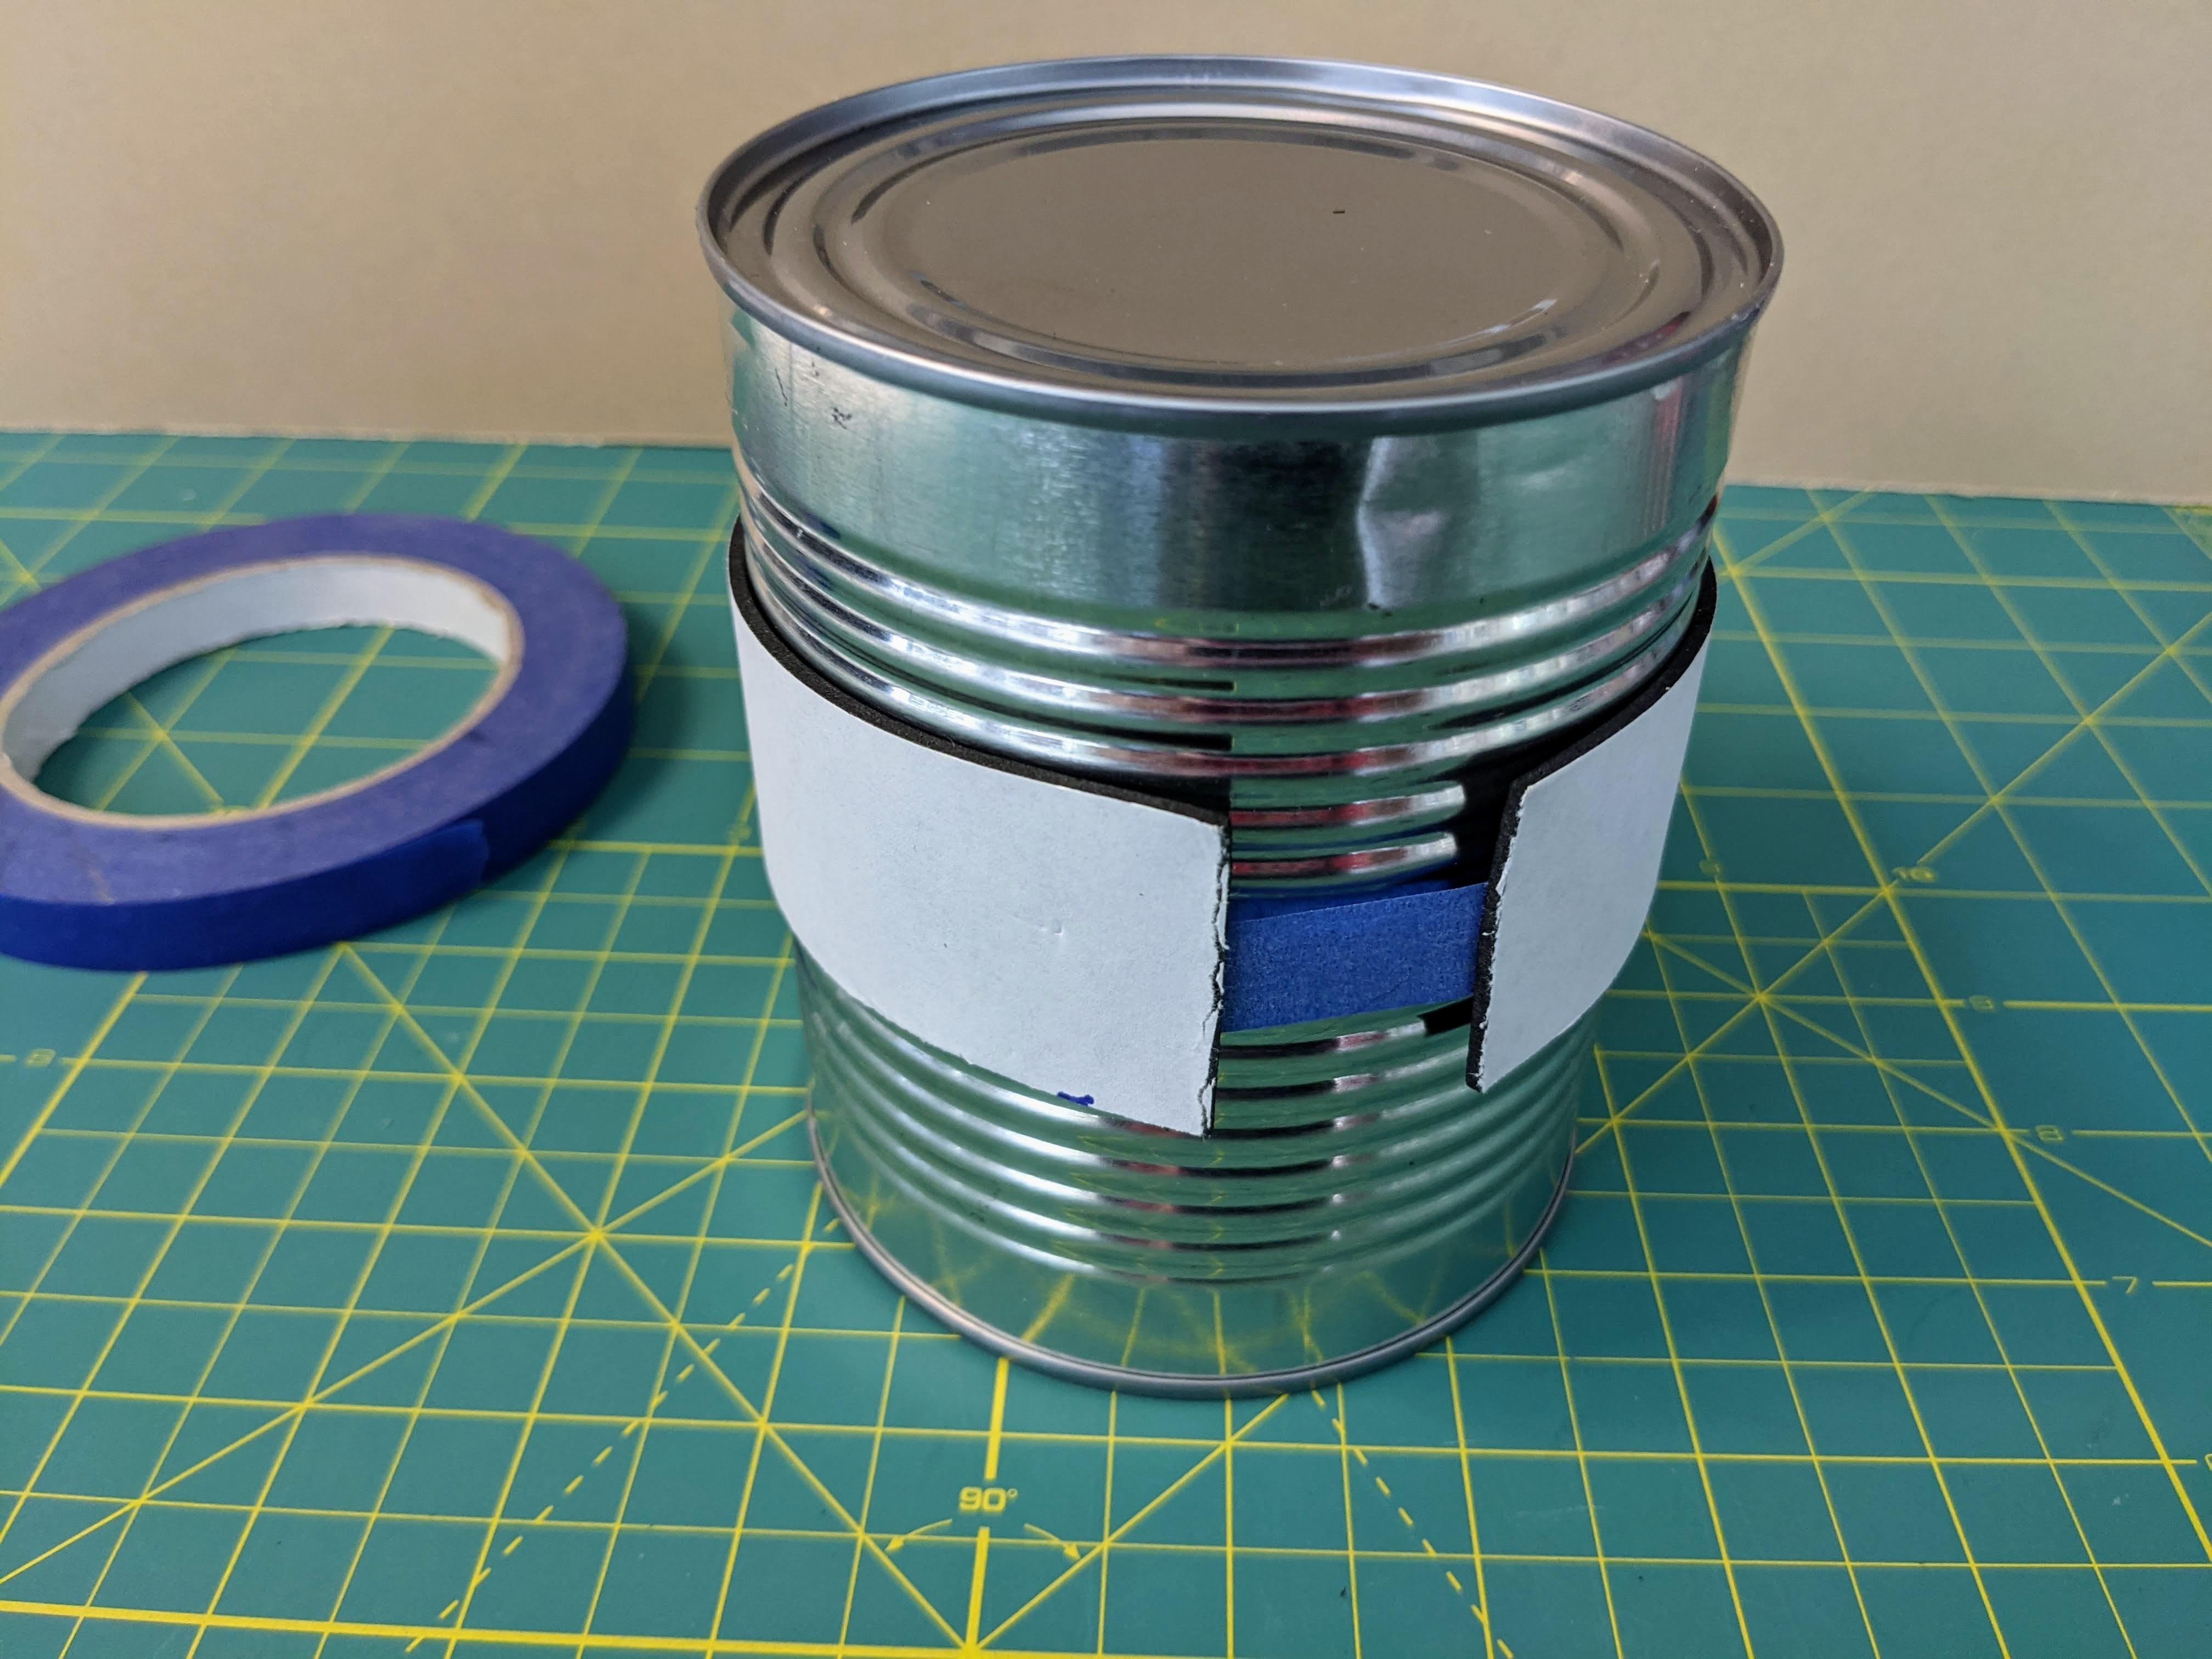 led_strips_PXL_20210125_192102206.jpg